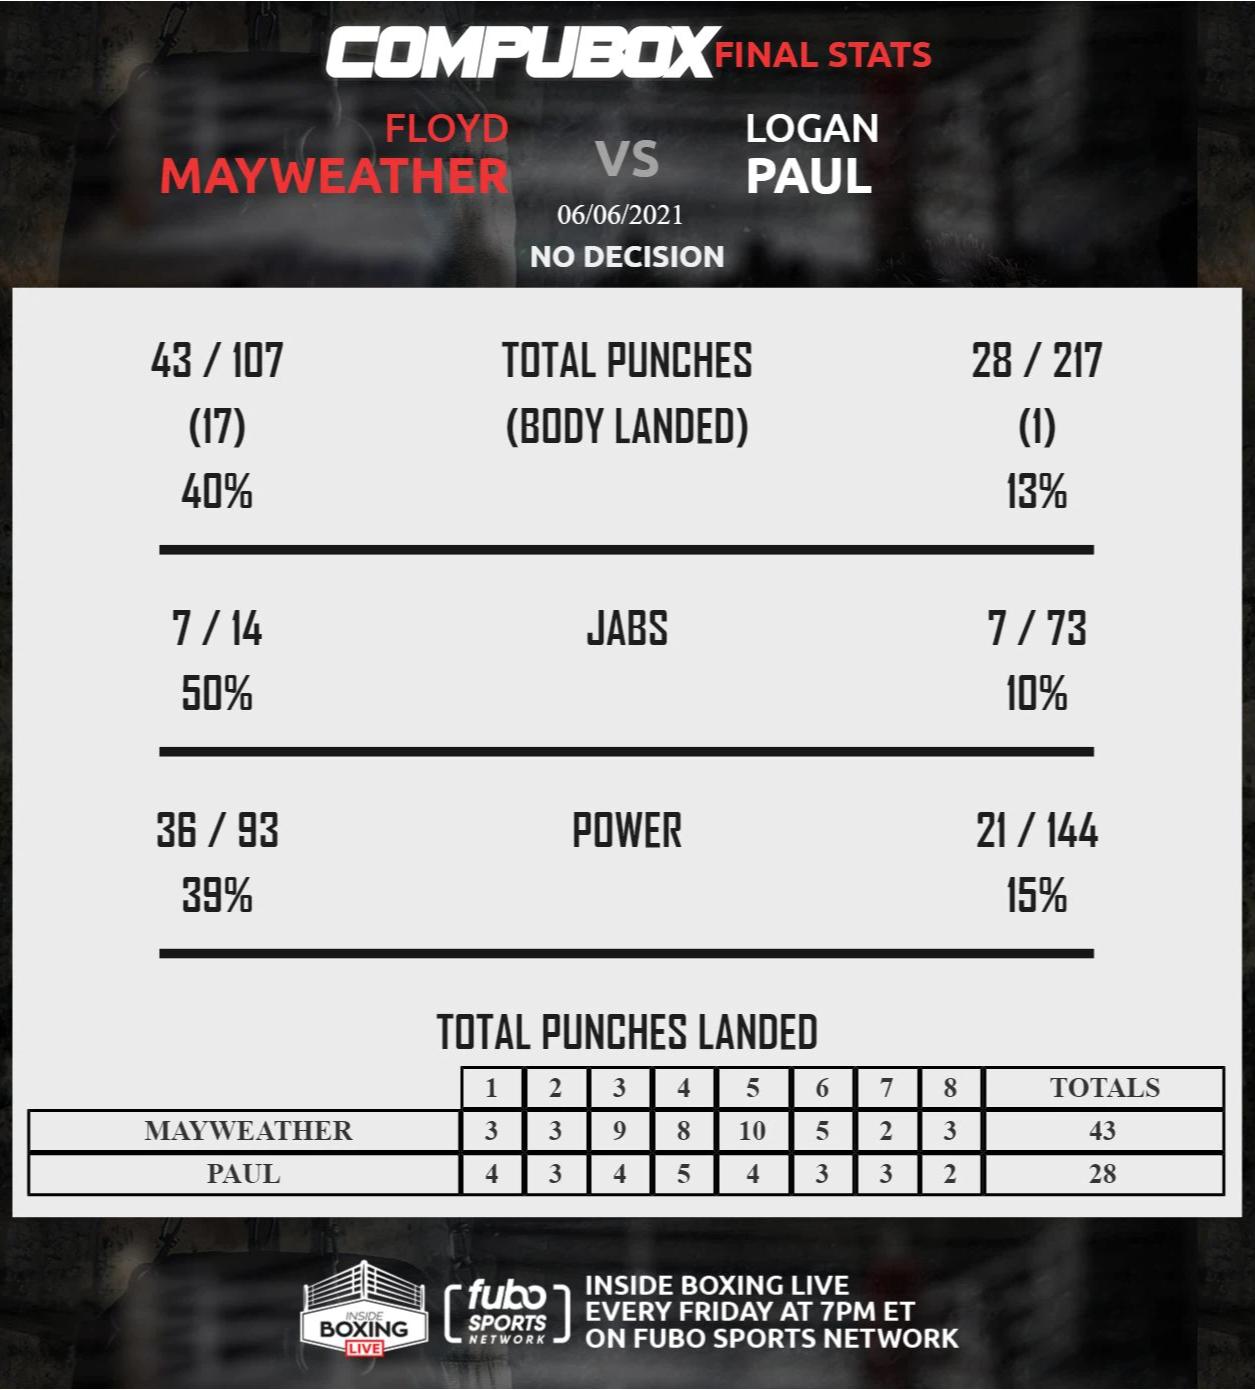 Thi đấu áp đảo, Độc cô cầu bại Floyd Mayweather vẫn bất lực trong việc hạ đo ván Youtuber 23 triệu subs Logan Paul - Ảnh 9.